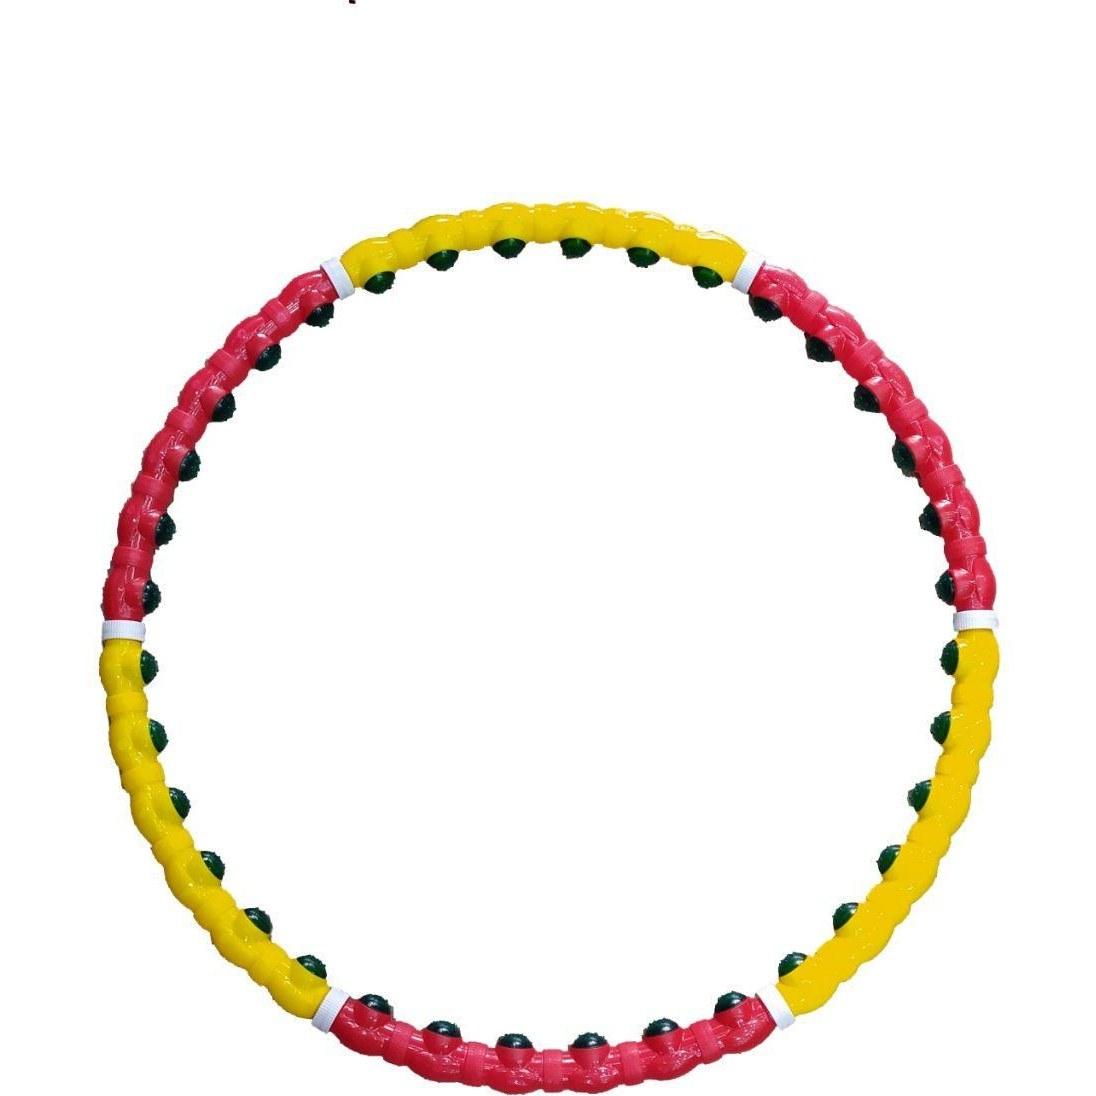 تصویر حلقه لاغری جادو | زرد و قرمز رنگ